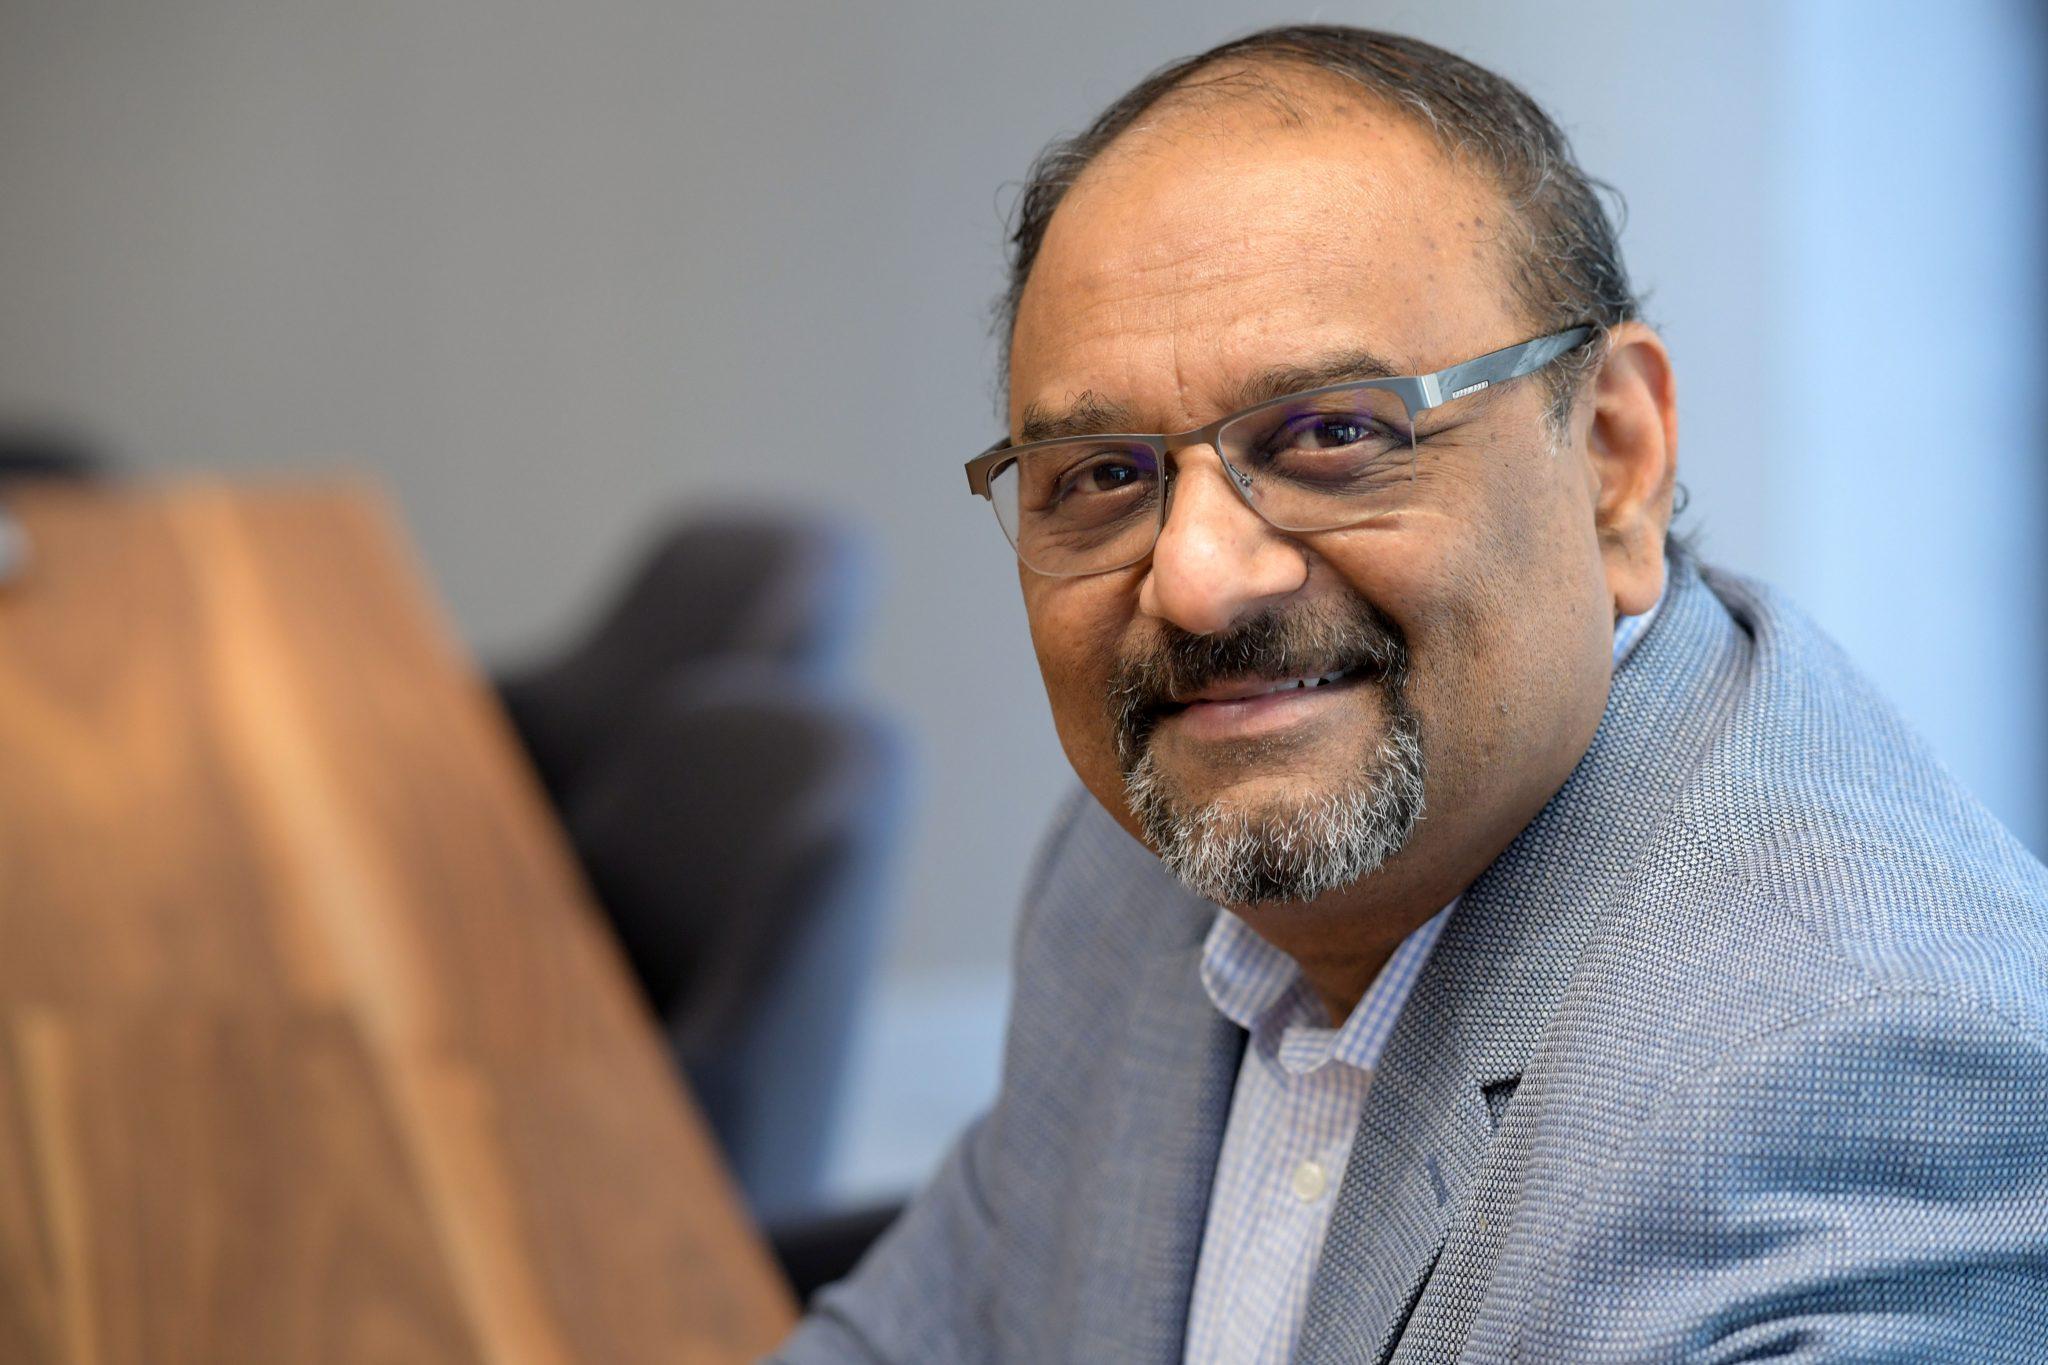 TSB's COO, Suresh Viswanathan